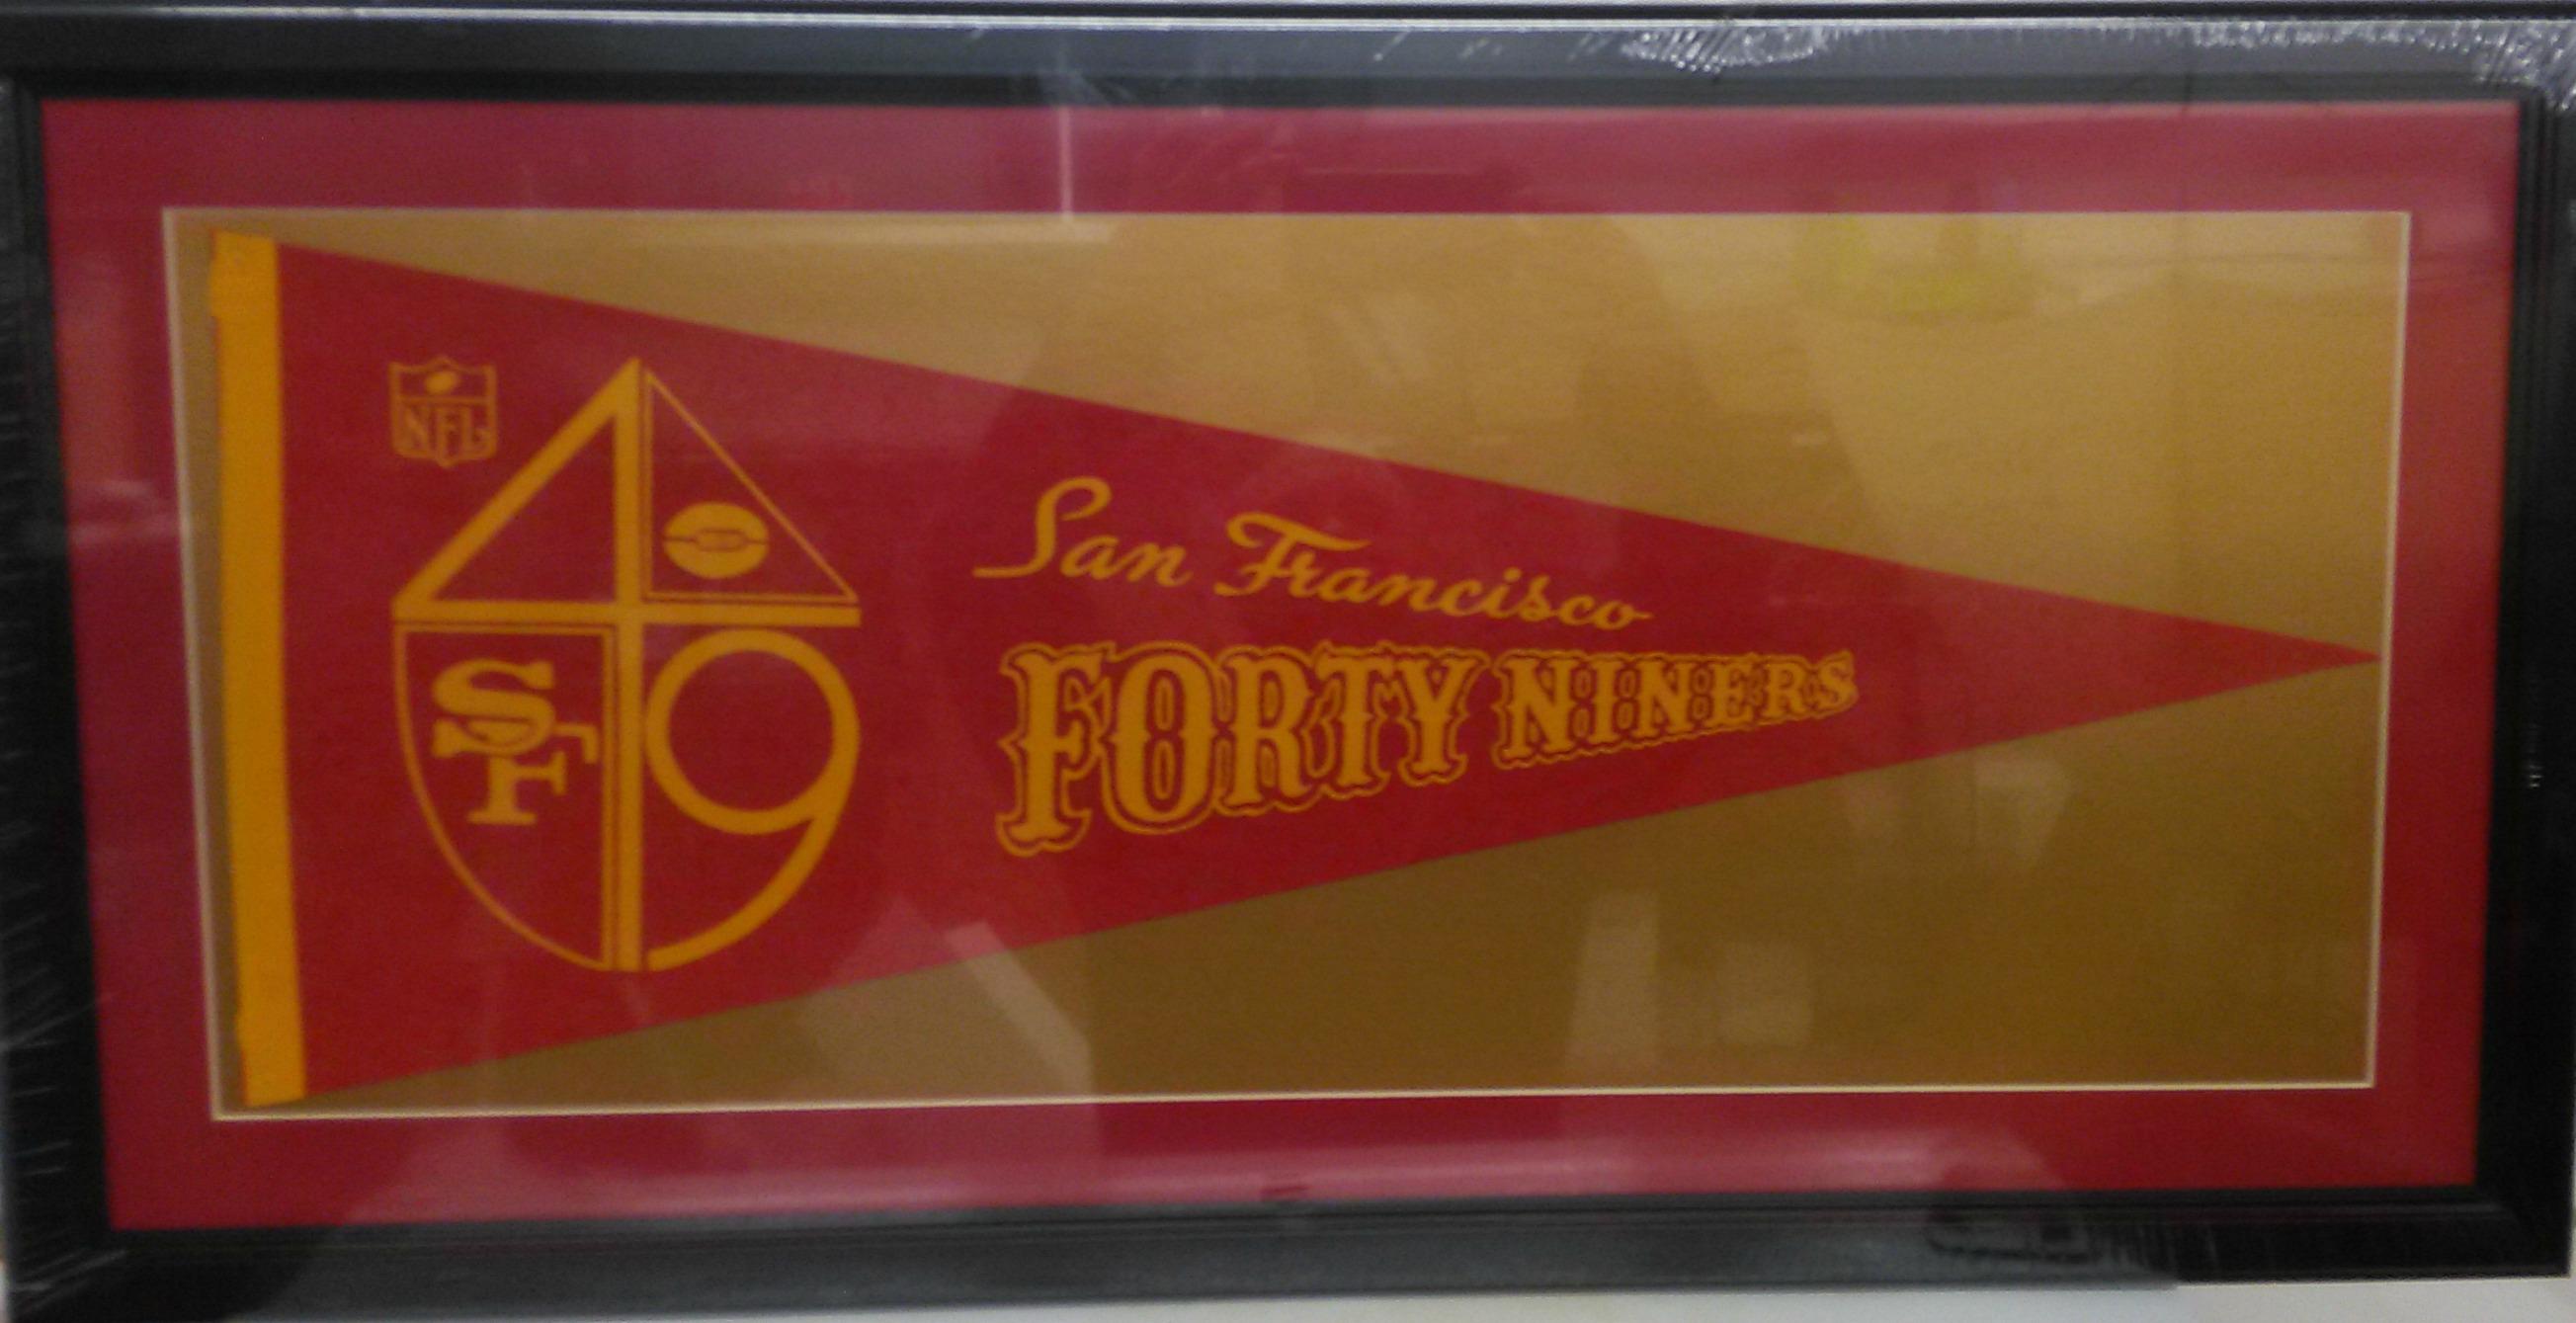 San Francisco 49ers vintage pennant (custom matted & framed)